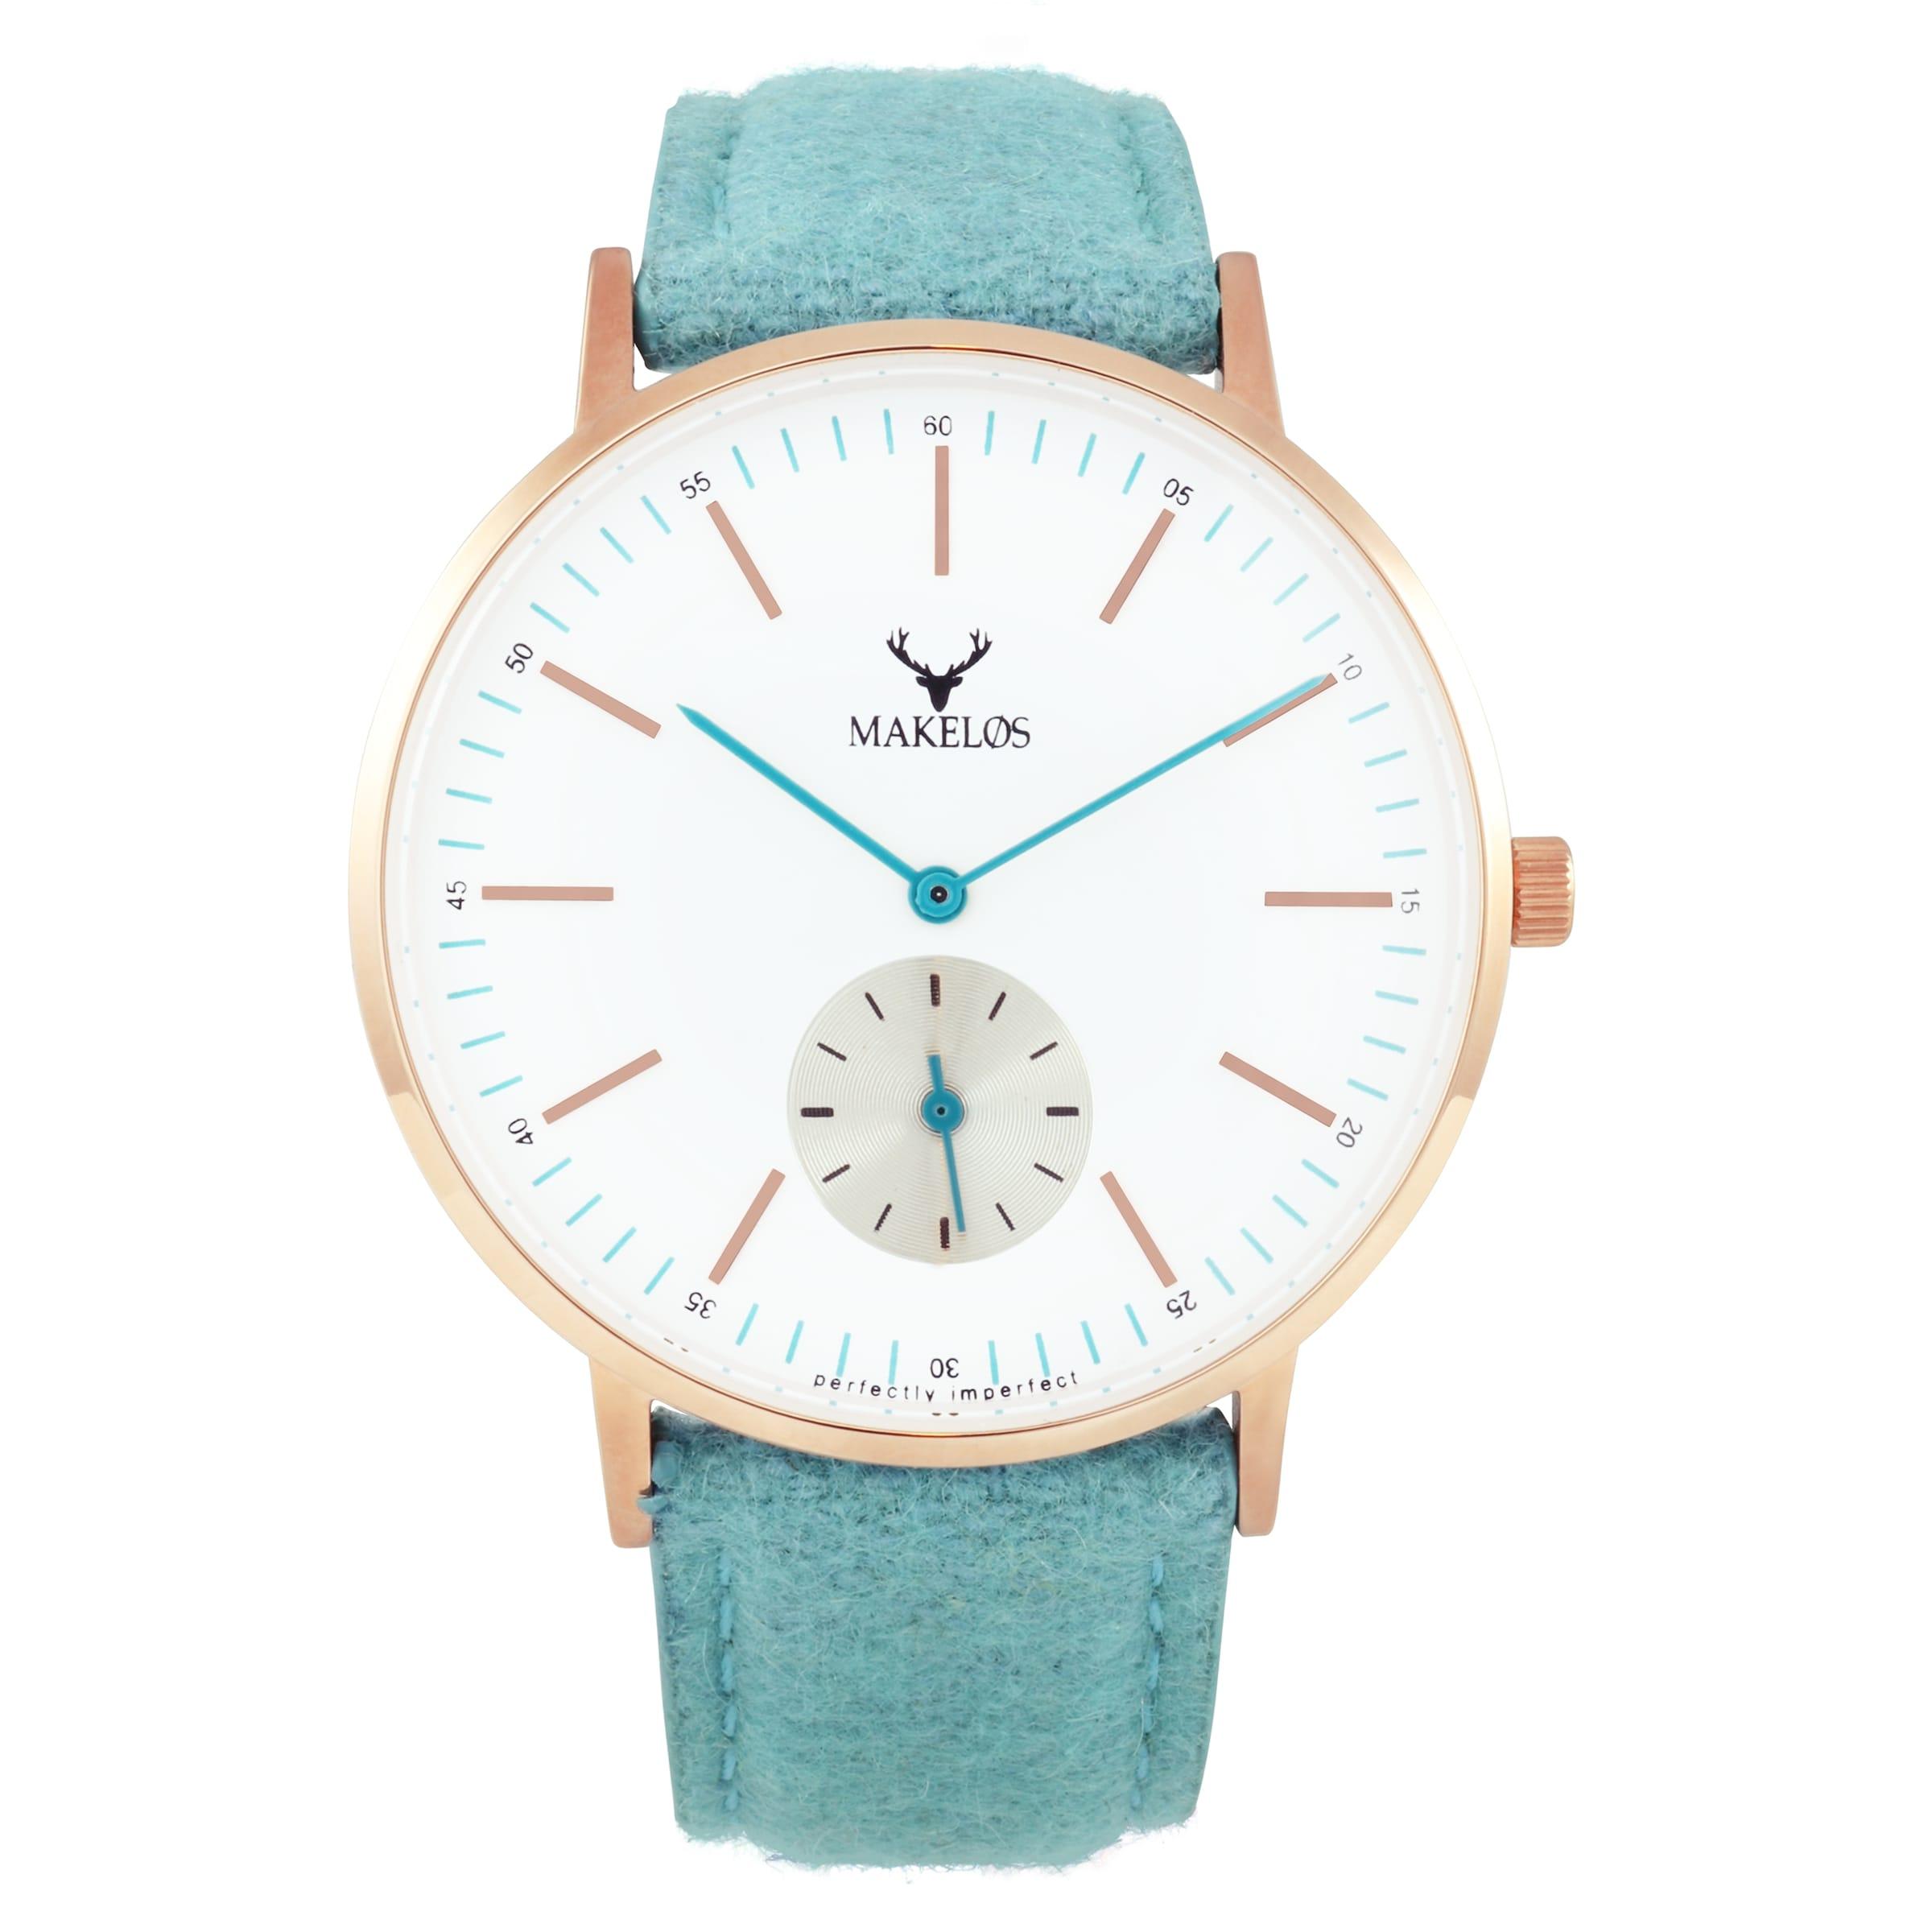 MAKELØS Armbanduhr 'RØD MYNTE' mit Filzarmband Billiges Countdown-Paket Erstaunlicher Preis Zu Verkaufen Verkauf Erhalten Zu Kaufen TdjHPkMU1P